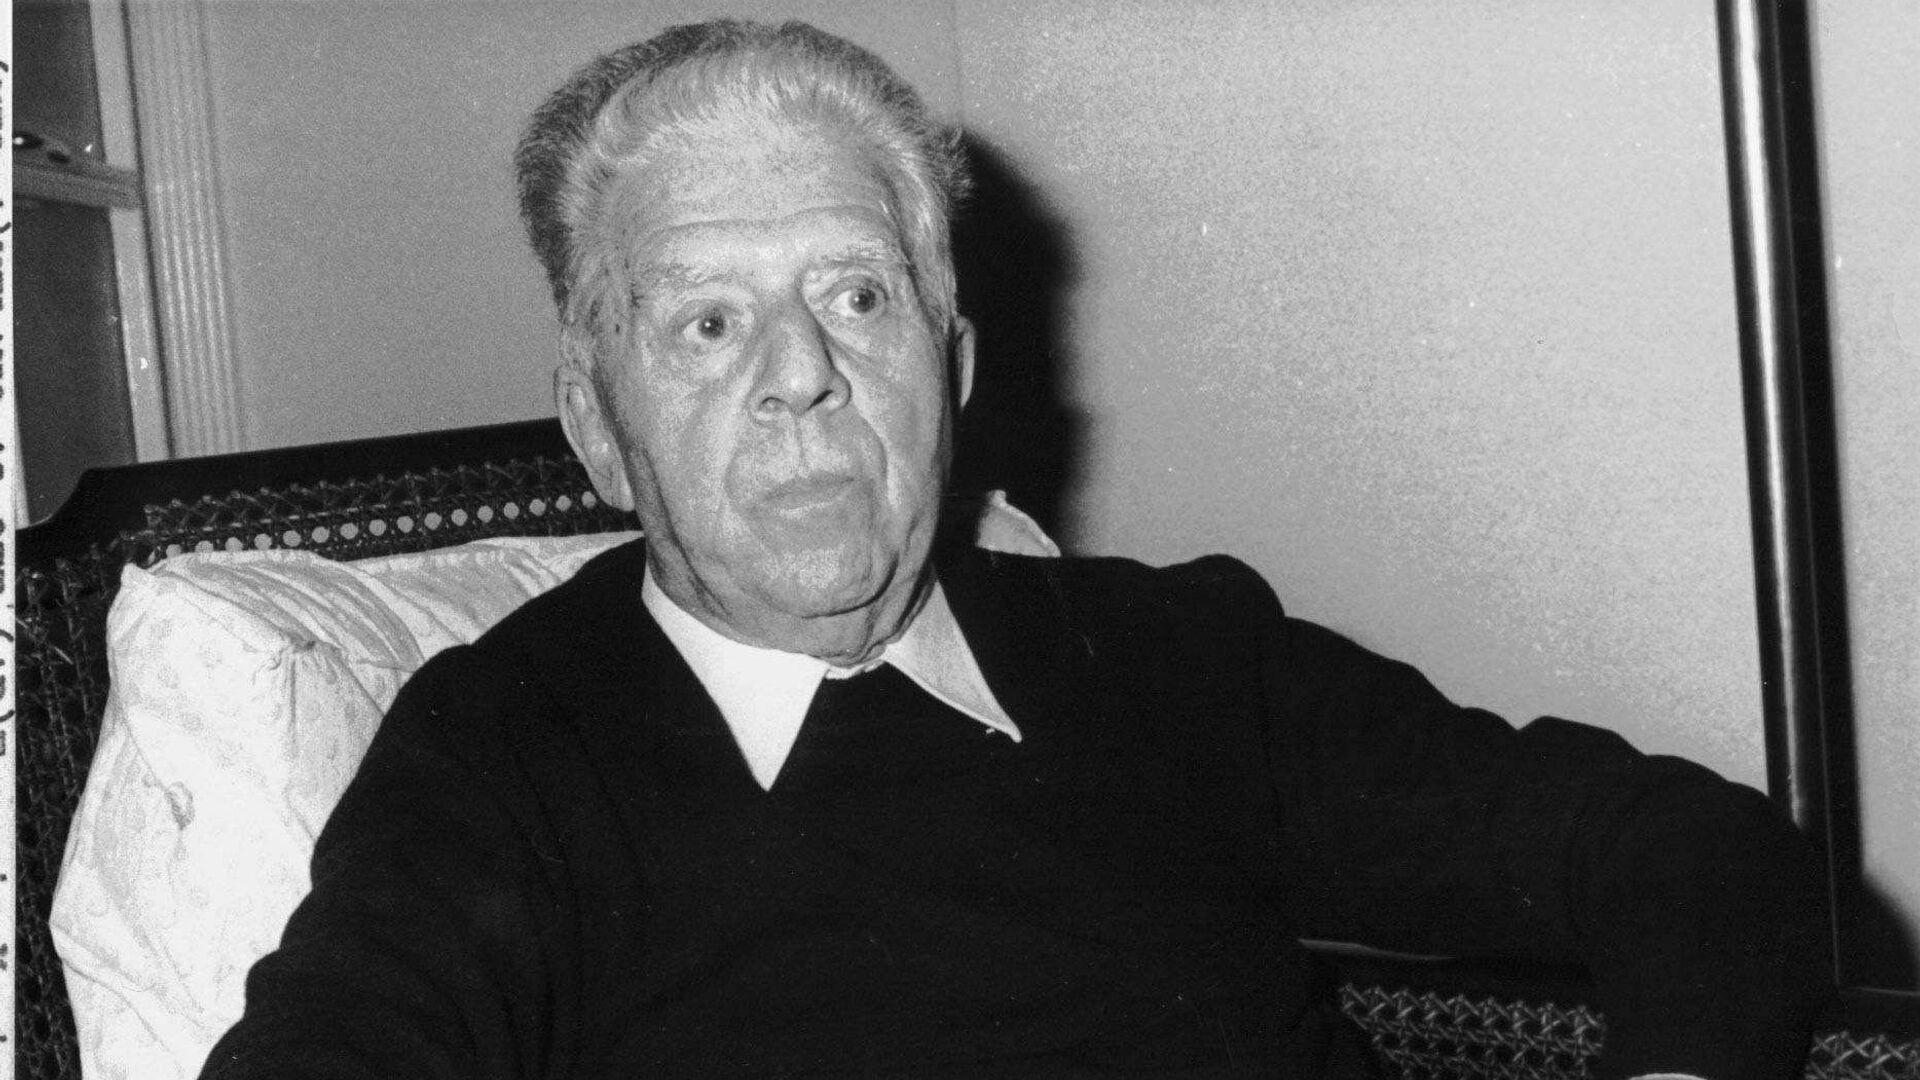 Eugenio Montale, un poeta, traduttore, scrittore, filosofo, giornalista - Sputnik Italia, 1920, 13.09.2021